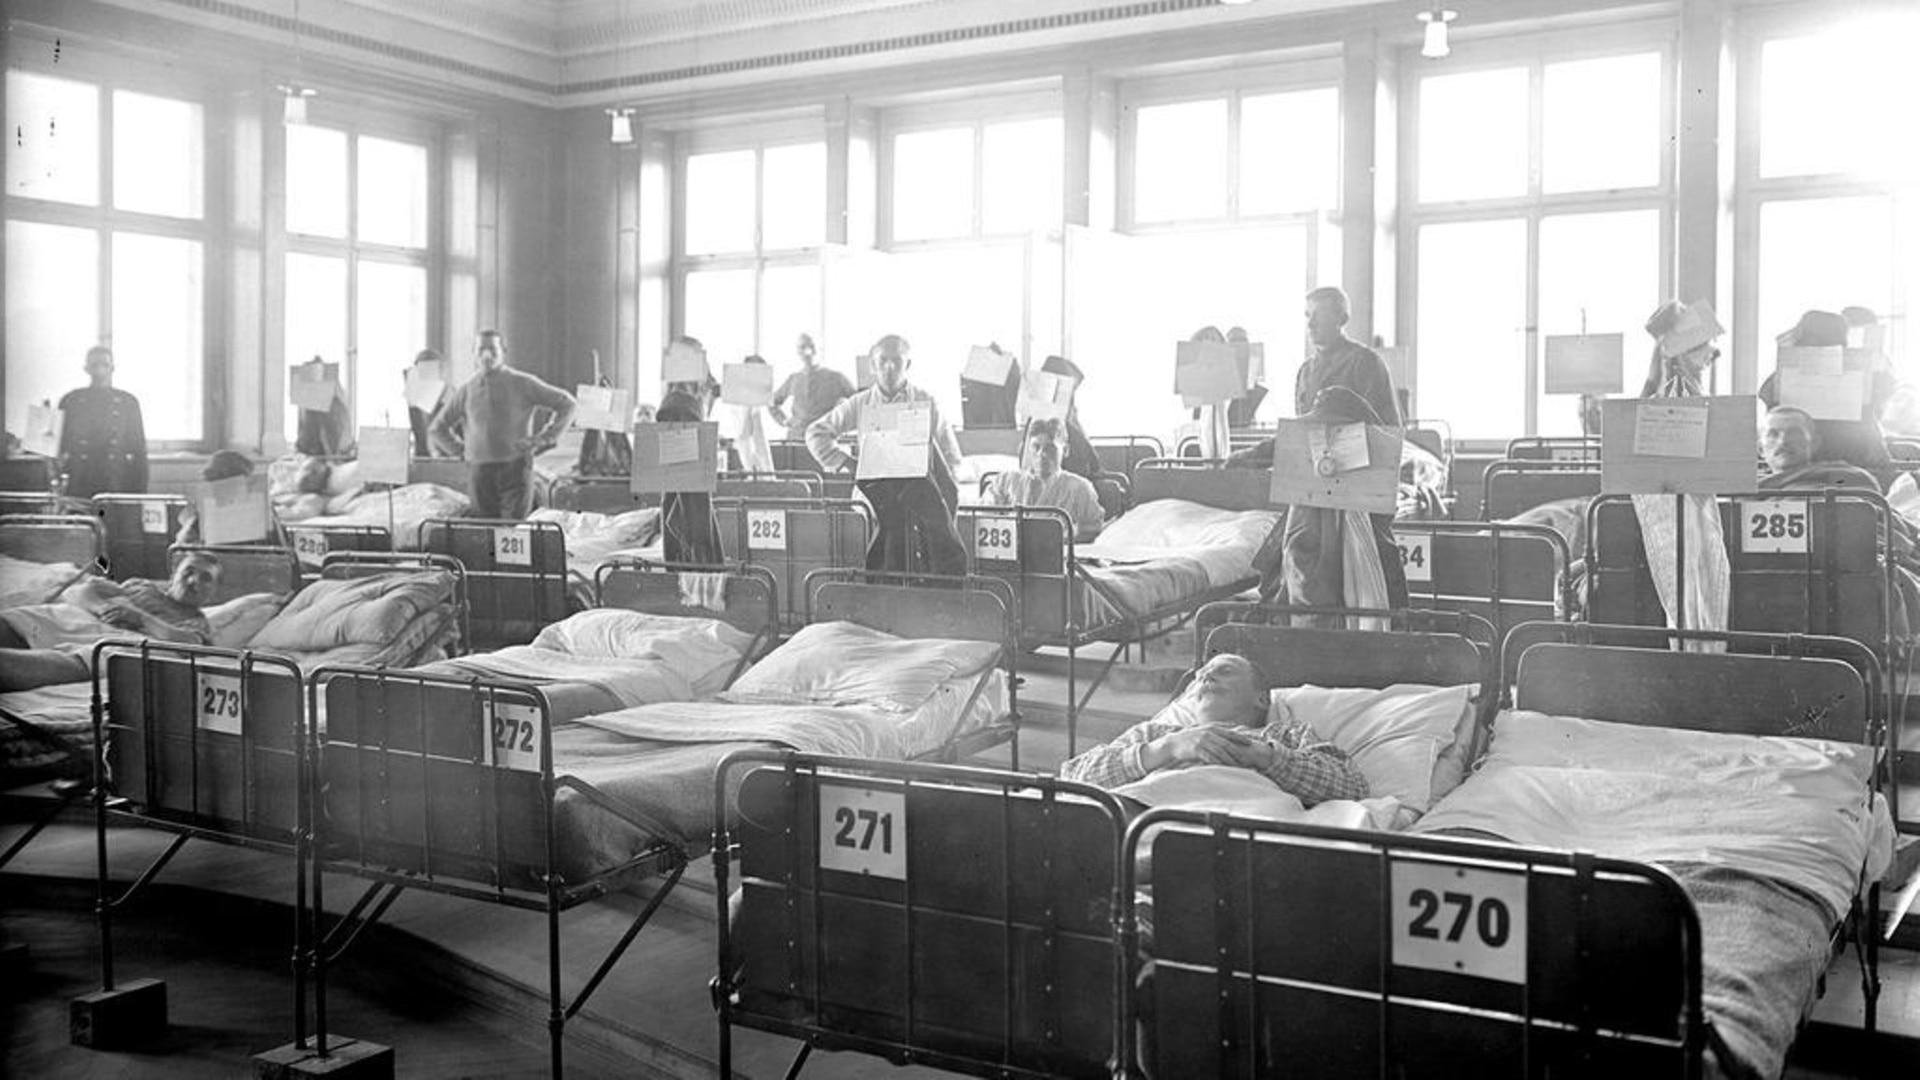 の スペイン の 風邪 流行 が は 人々 で 殺到 した